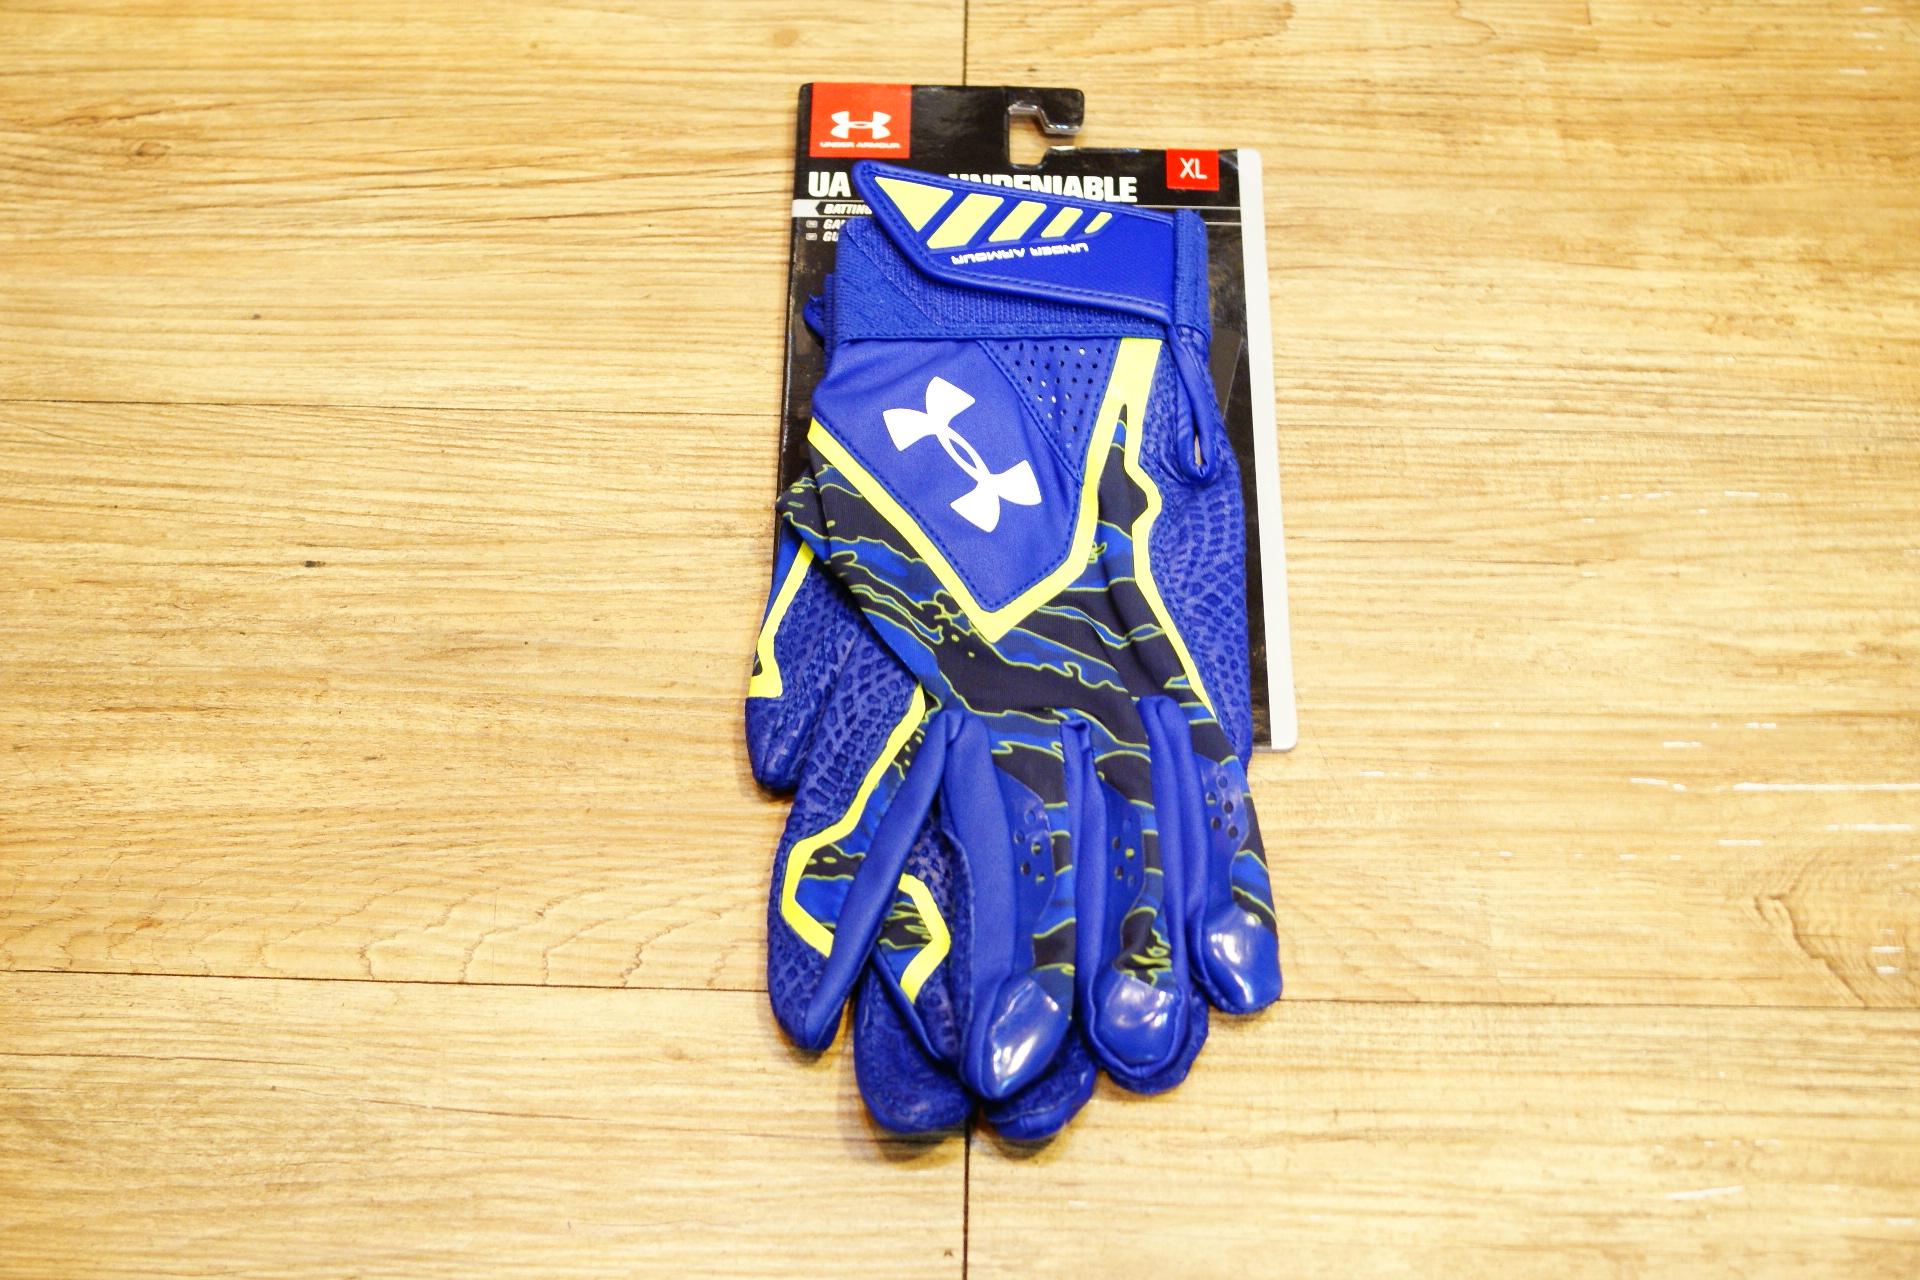 棒球世界 全新Under Armour UA Yard Phenom打擊手套 藍螢光配色 特價 小羊皮